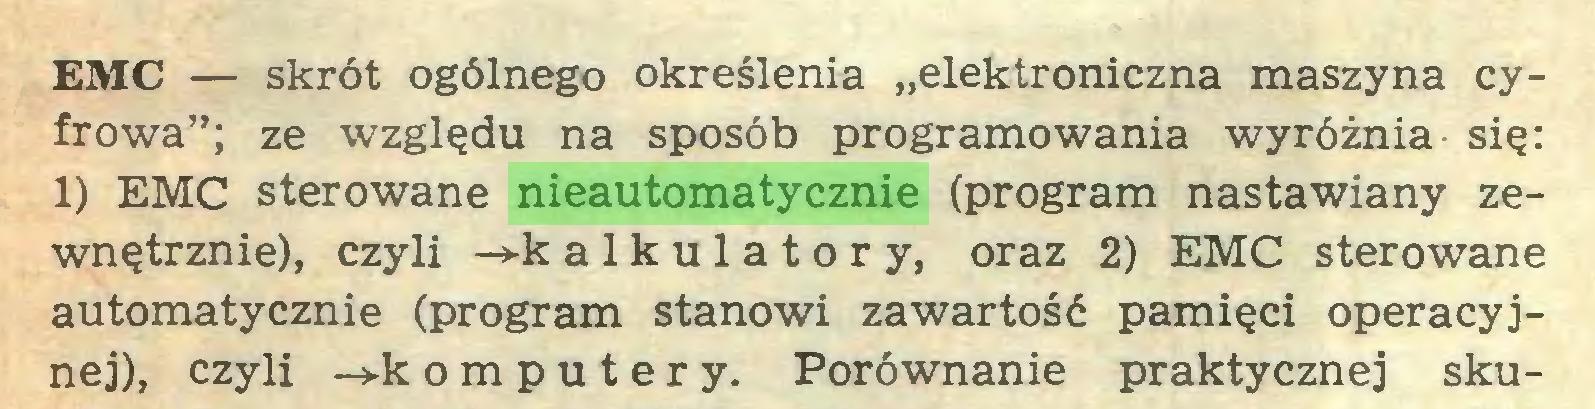 """(...) EMC — skrót ogólnego określenia """"elektroniczna maszyna cyfrowa""""; ze względu na sposób programowania wyróżnia się: 1) EMC sterowane nieautomatycznie (program nastawiany zewnętrznie), czyli -»-k alkulatory, oraz 2) EMC sterowane automatycznie (program stanowi zawartość pamięci operacyjnej), czyli ->-k omputery. Porównanie praktycznej sku..."""